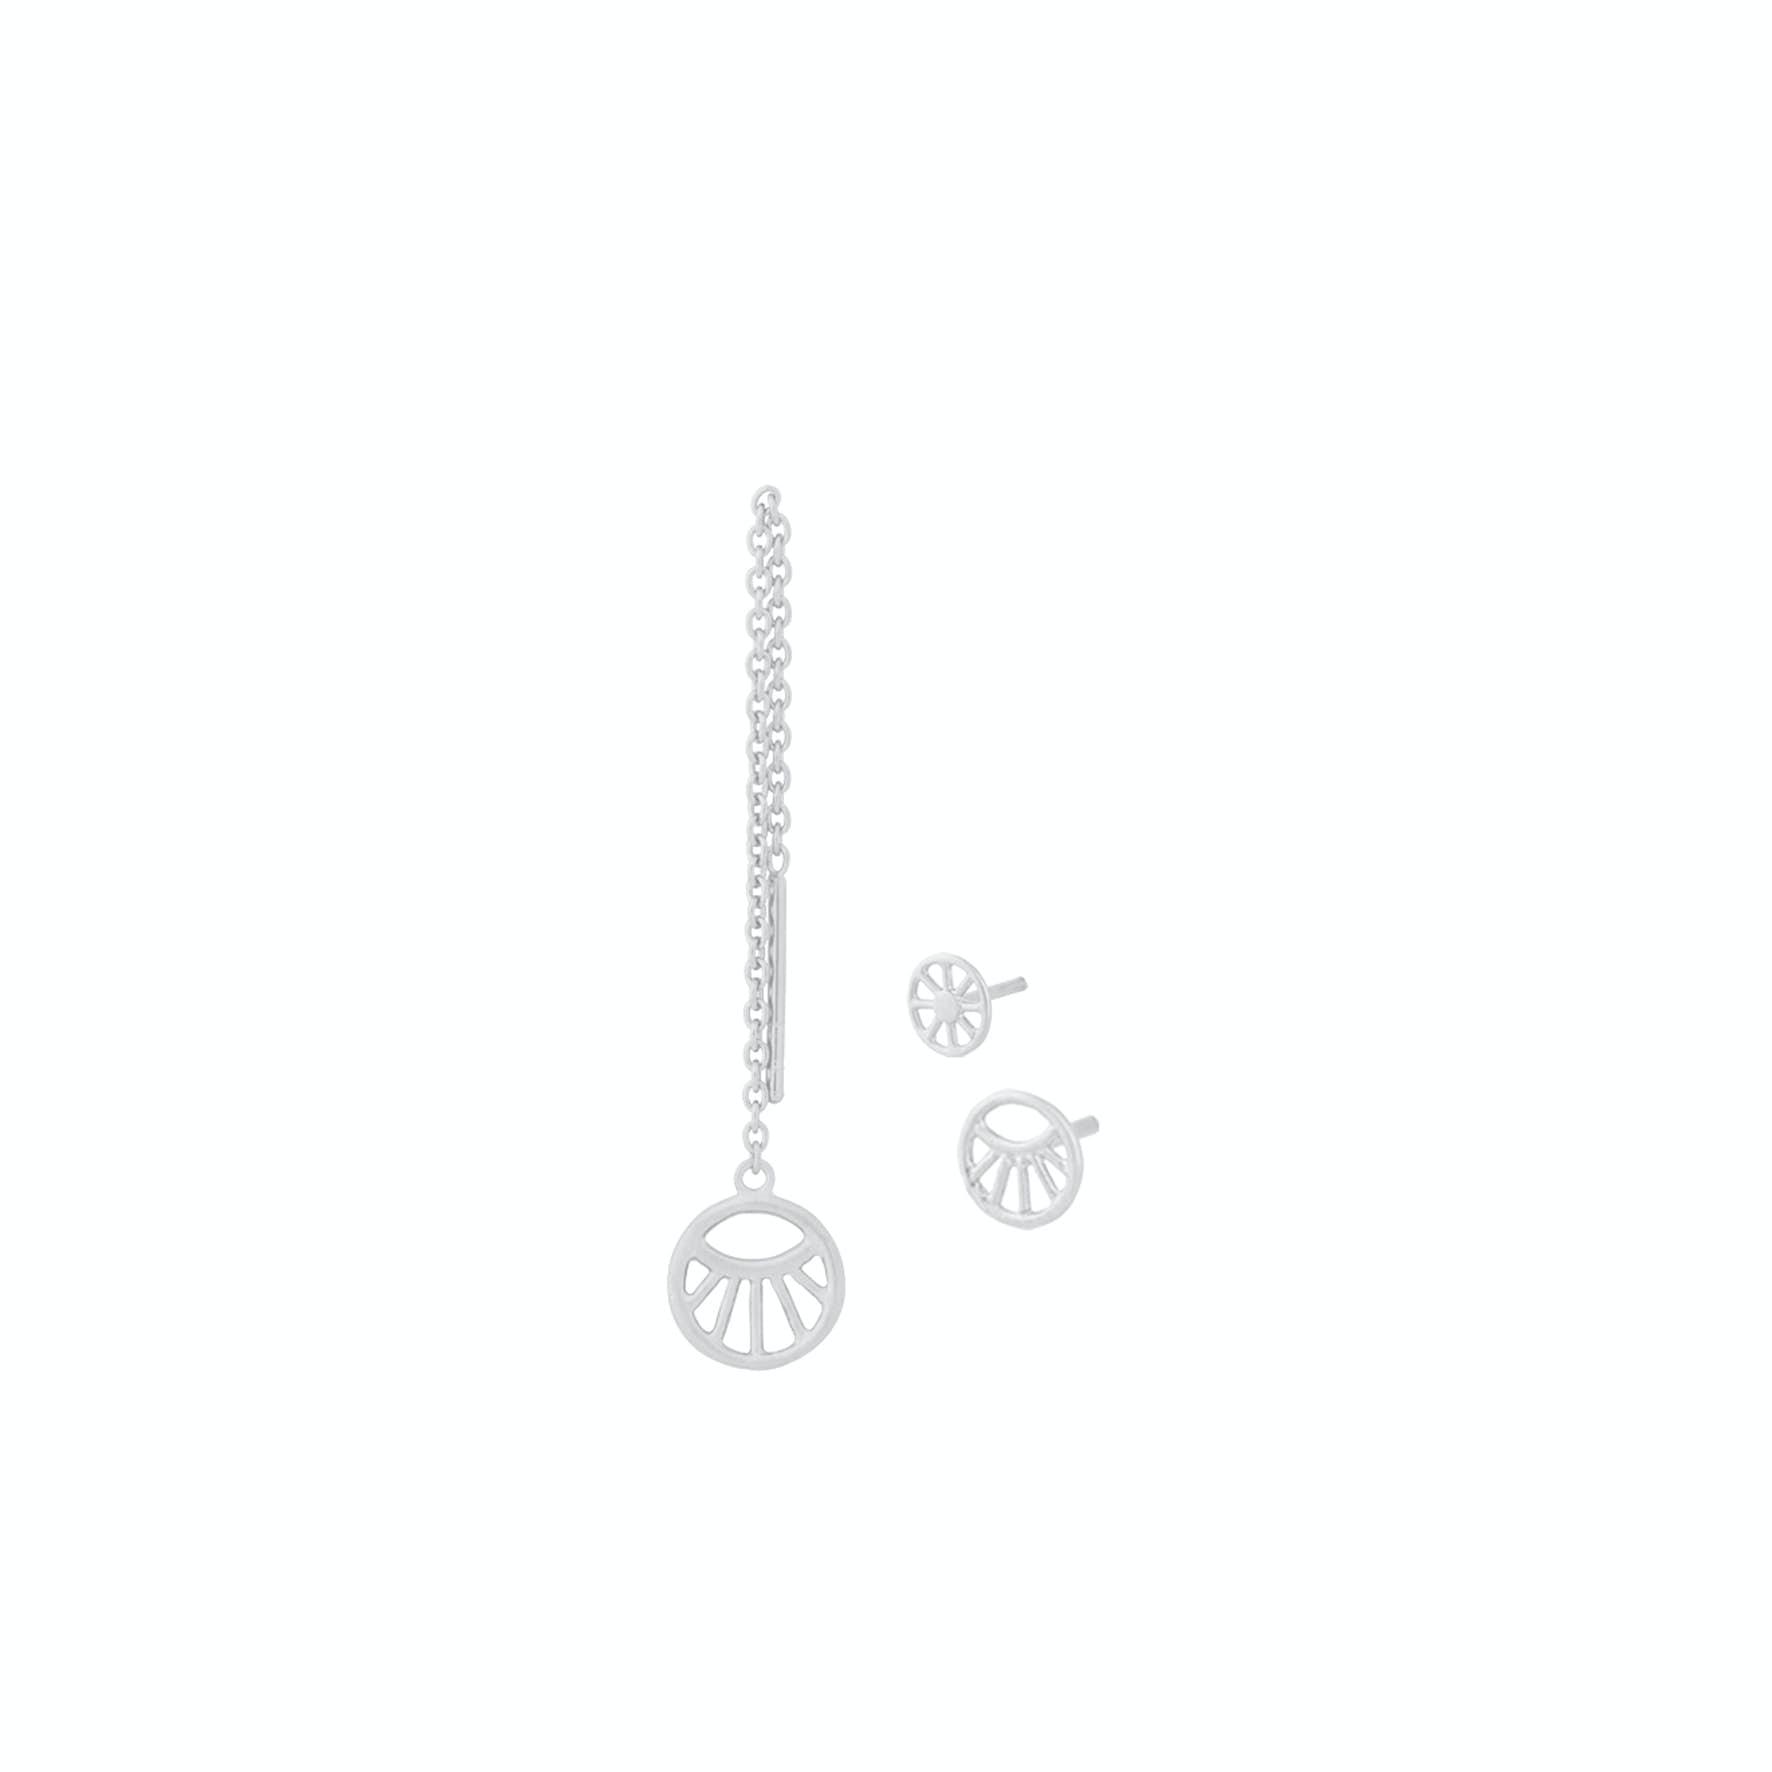 Dream Earring Box fra Pernille Corydon i Sølv Sterling 925